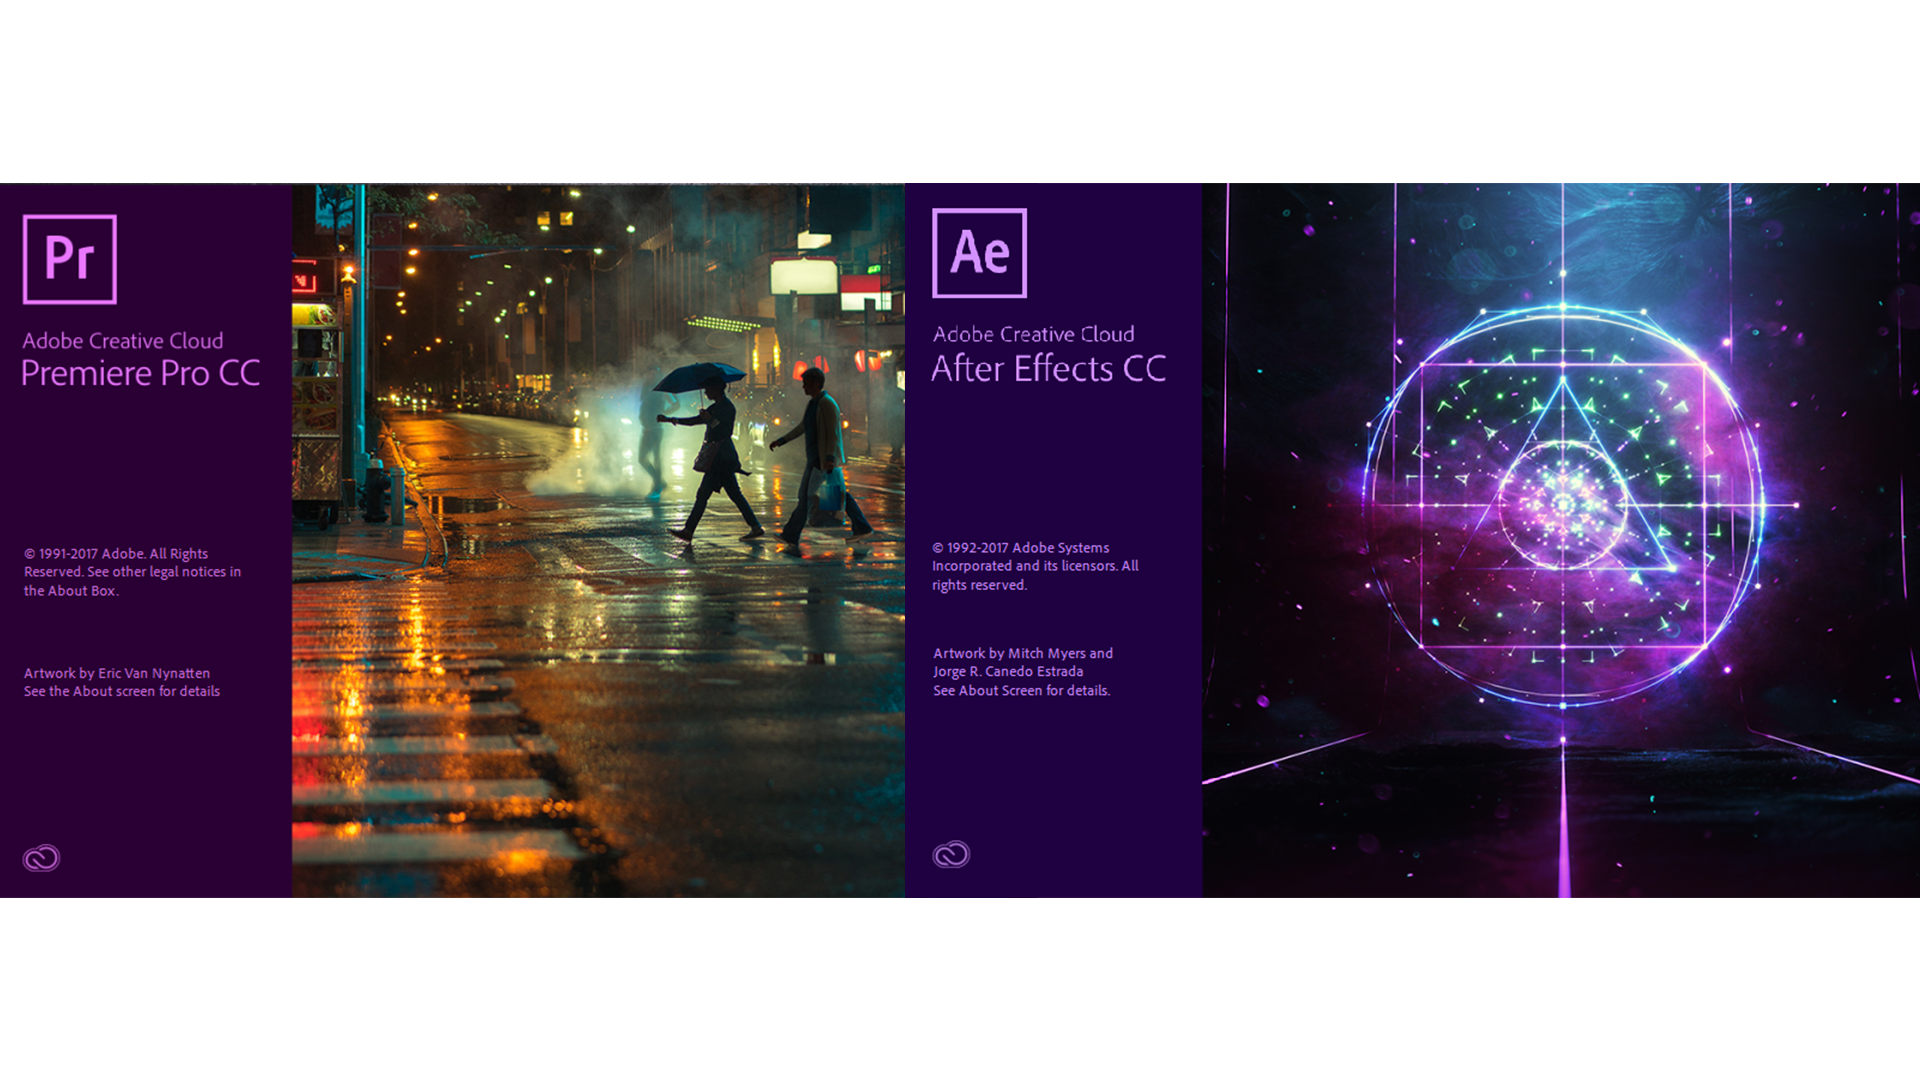 adobe premiere pro cc 2018 trial download